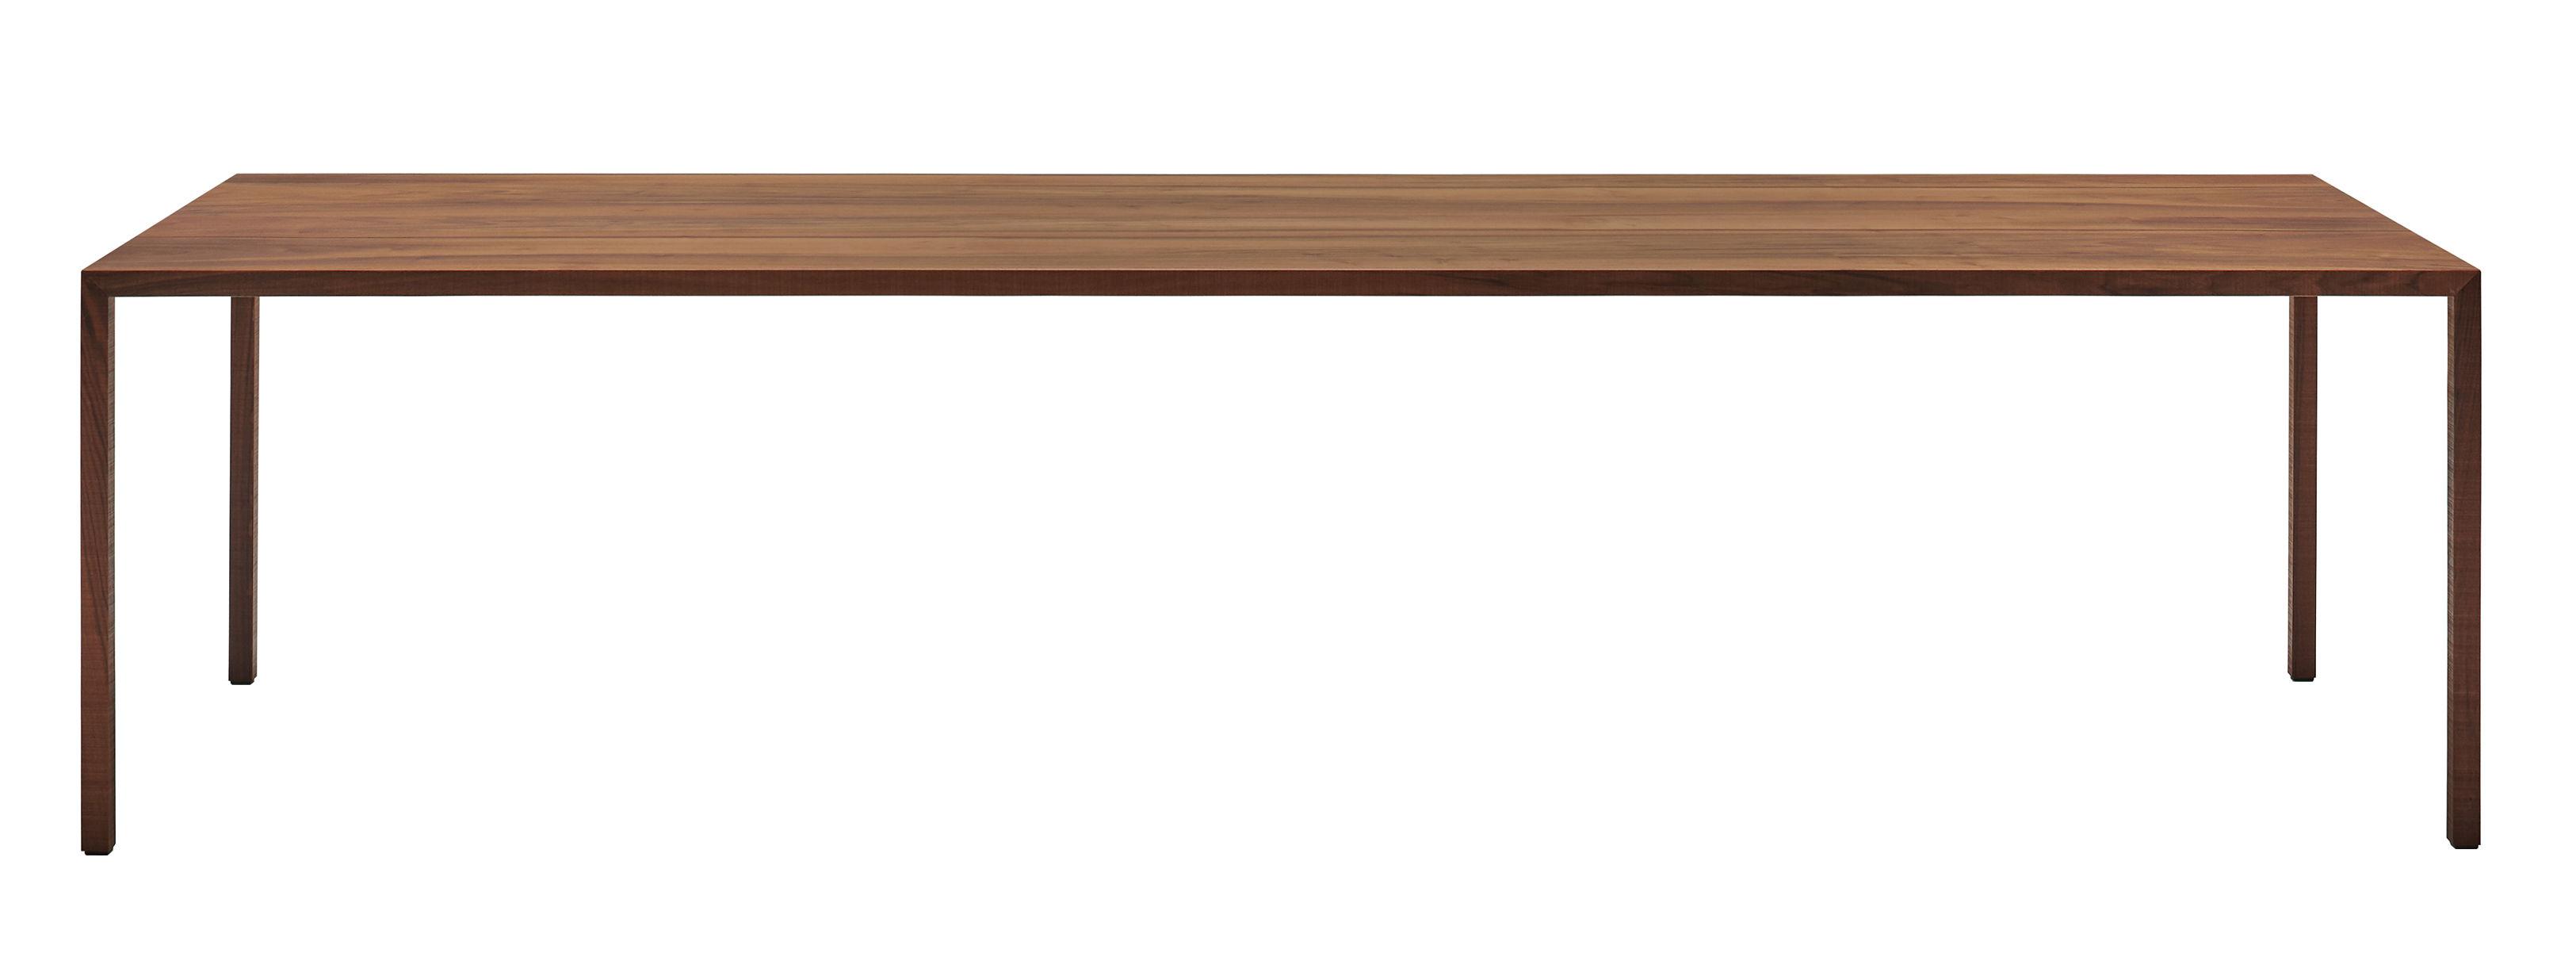 Arredamento - Tavoli - Tavolo rettangolare Tense Material - / 90 x 220 cm - Noce di MDF Italia - Noce - Acciaio, Pannello composito, Placage noyer massif